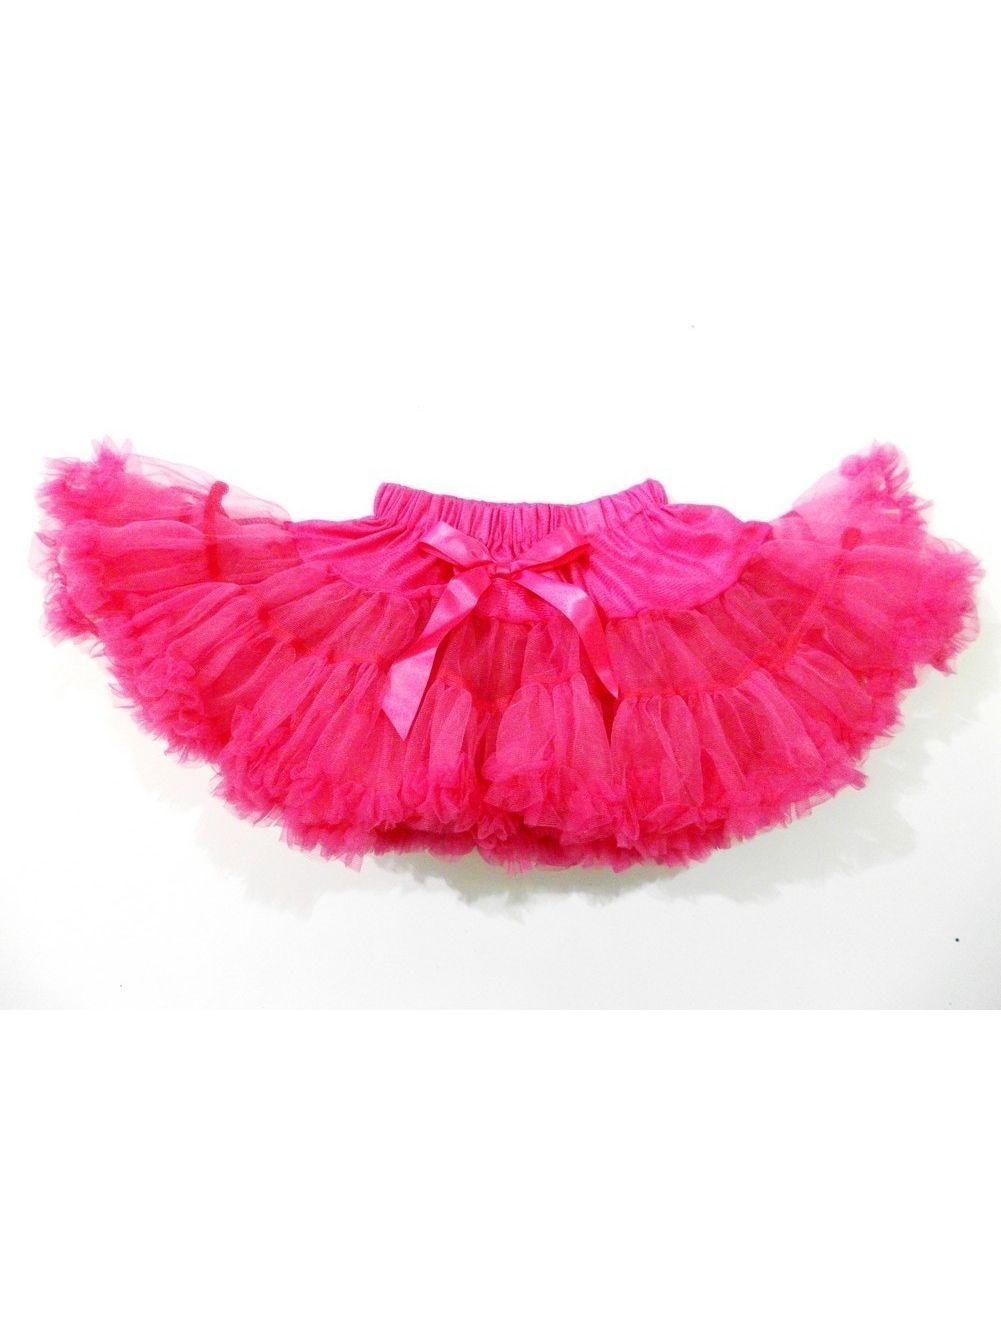 Hot Pink Chiffon Petti Tutu Skirt Girls L